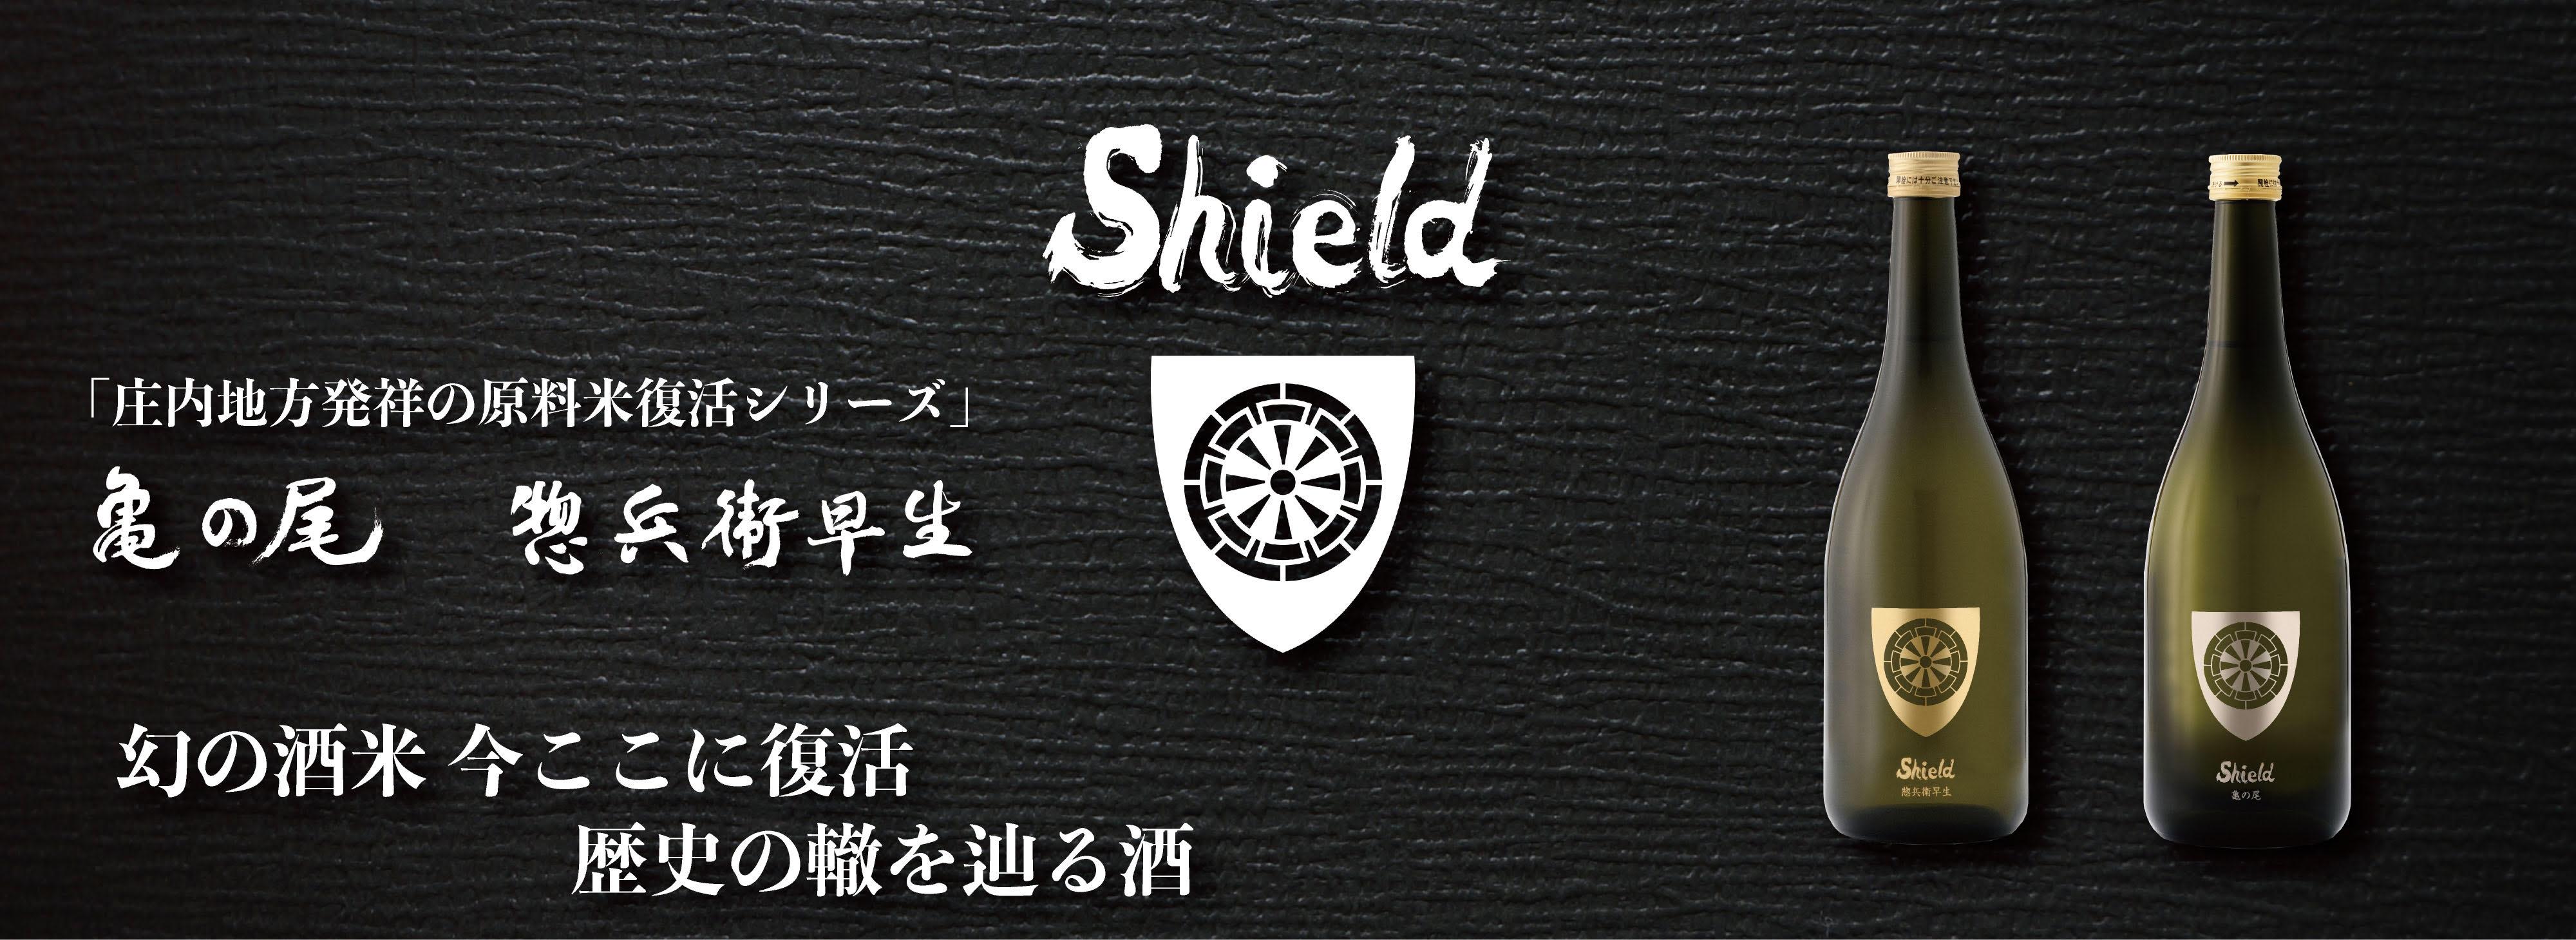 shield 亀の尾 惣兵衛早生